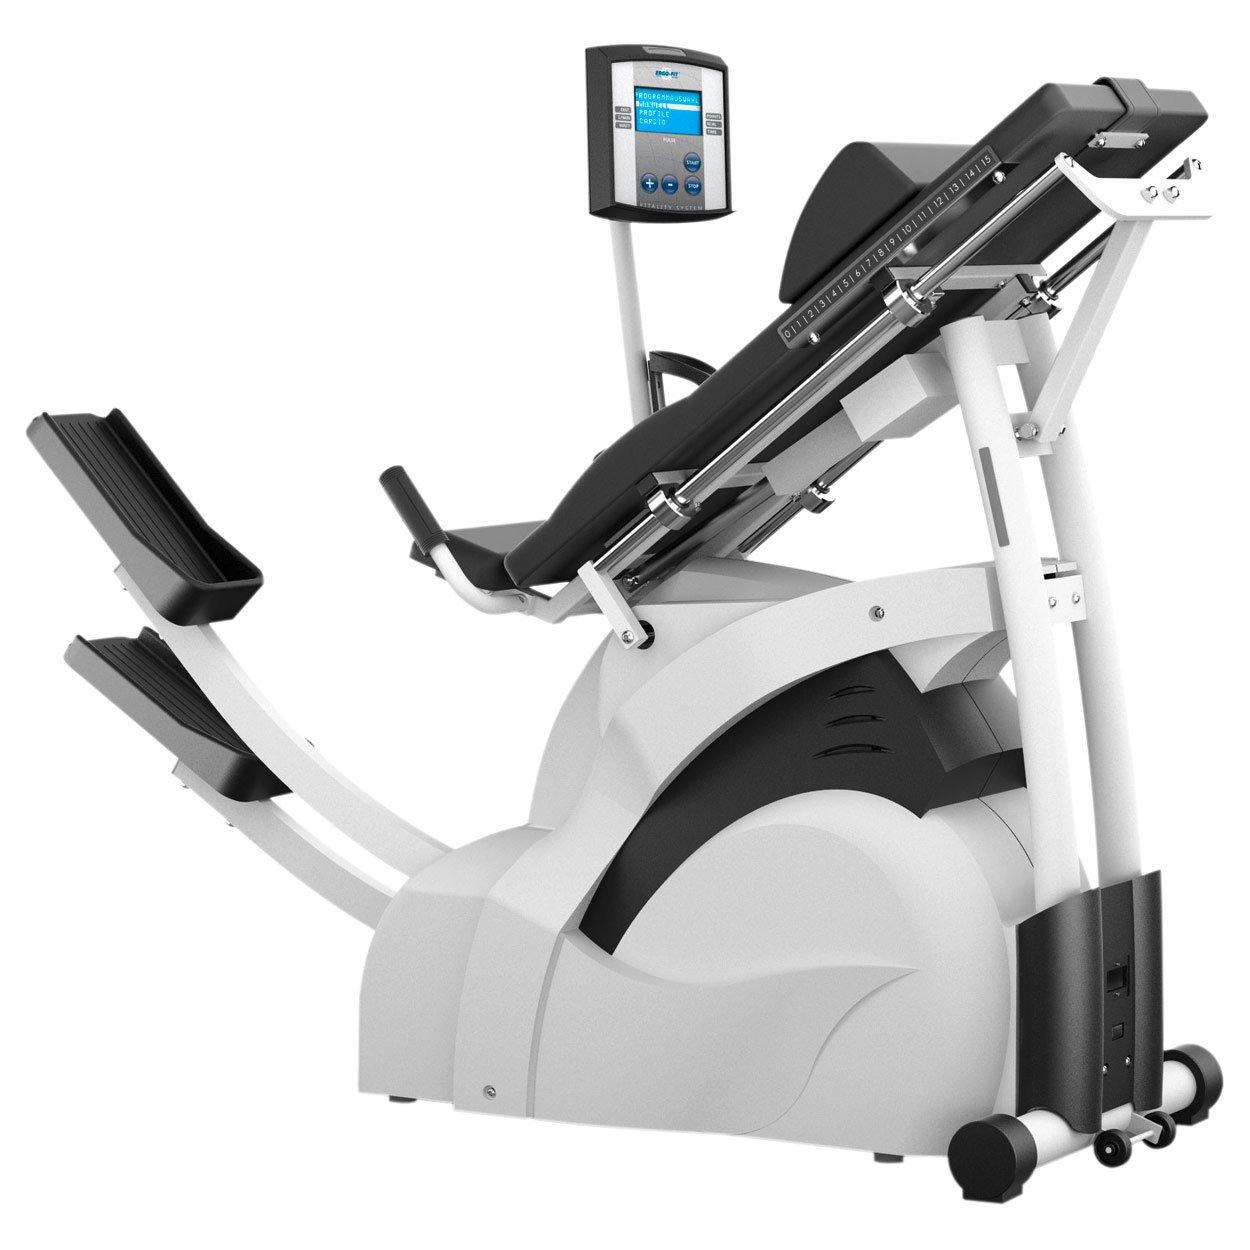 ERGO-FIT Mix 4000 Professioneller Ellipsentrainer Stepper für Fitness Studio